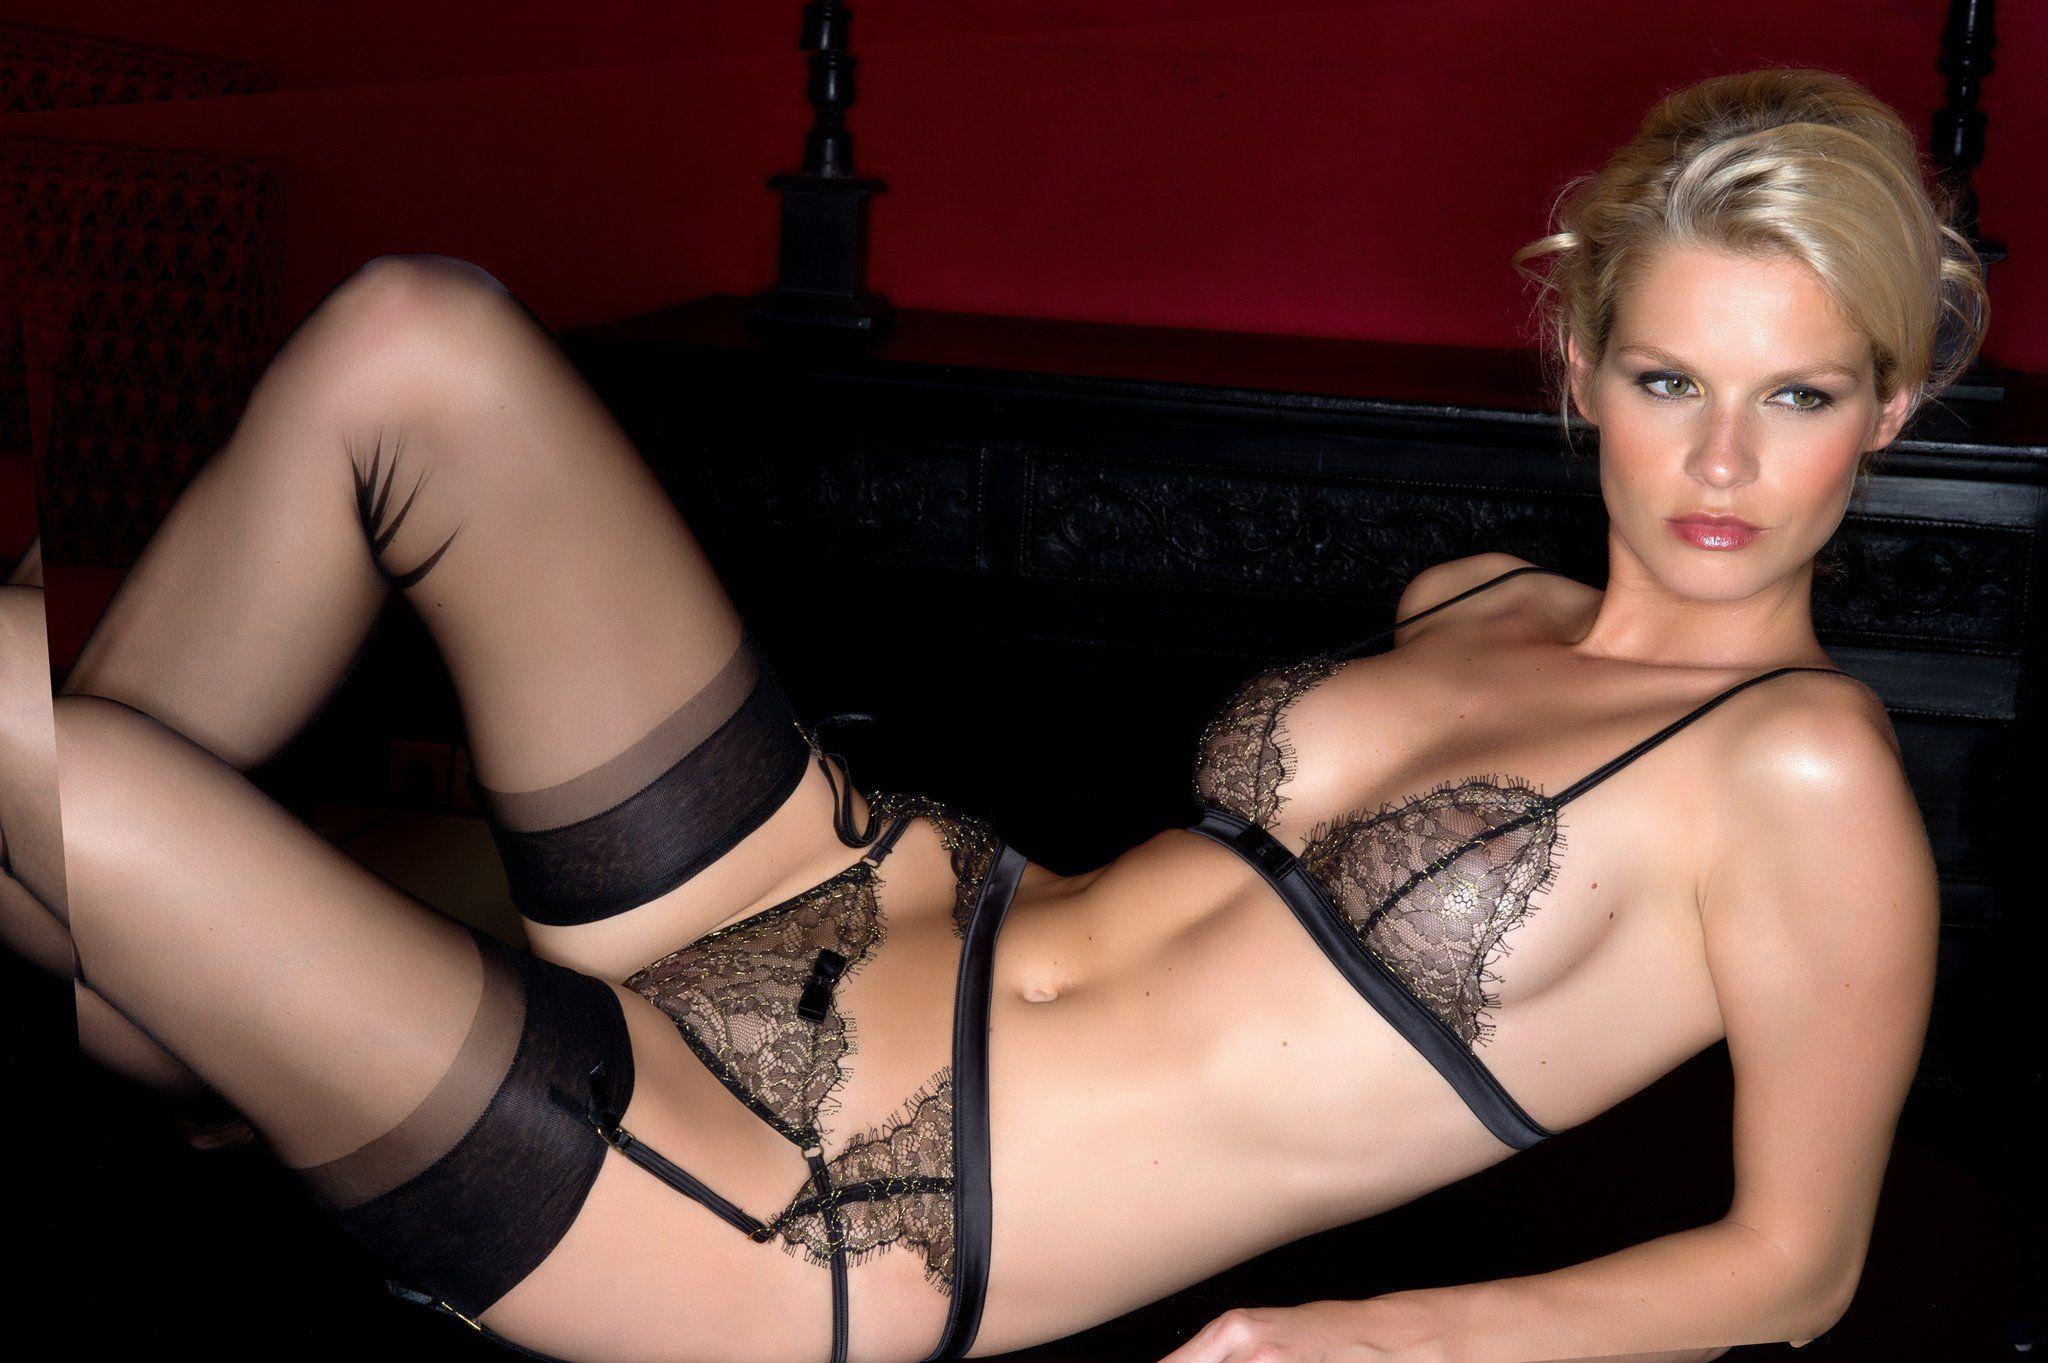 pussy-erotic-lustfull-lingerie-lingerie